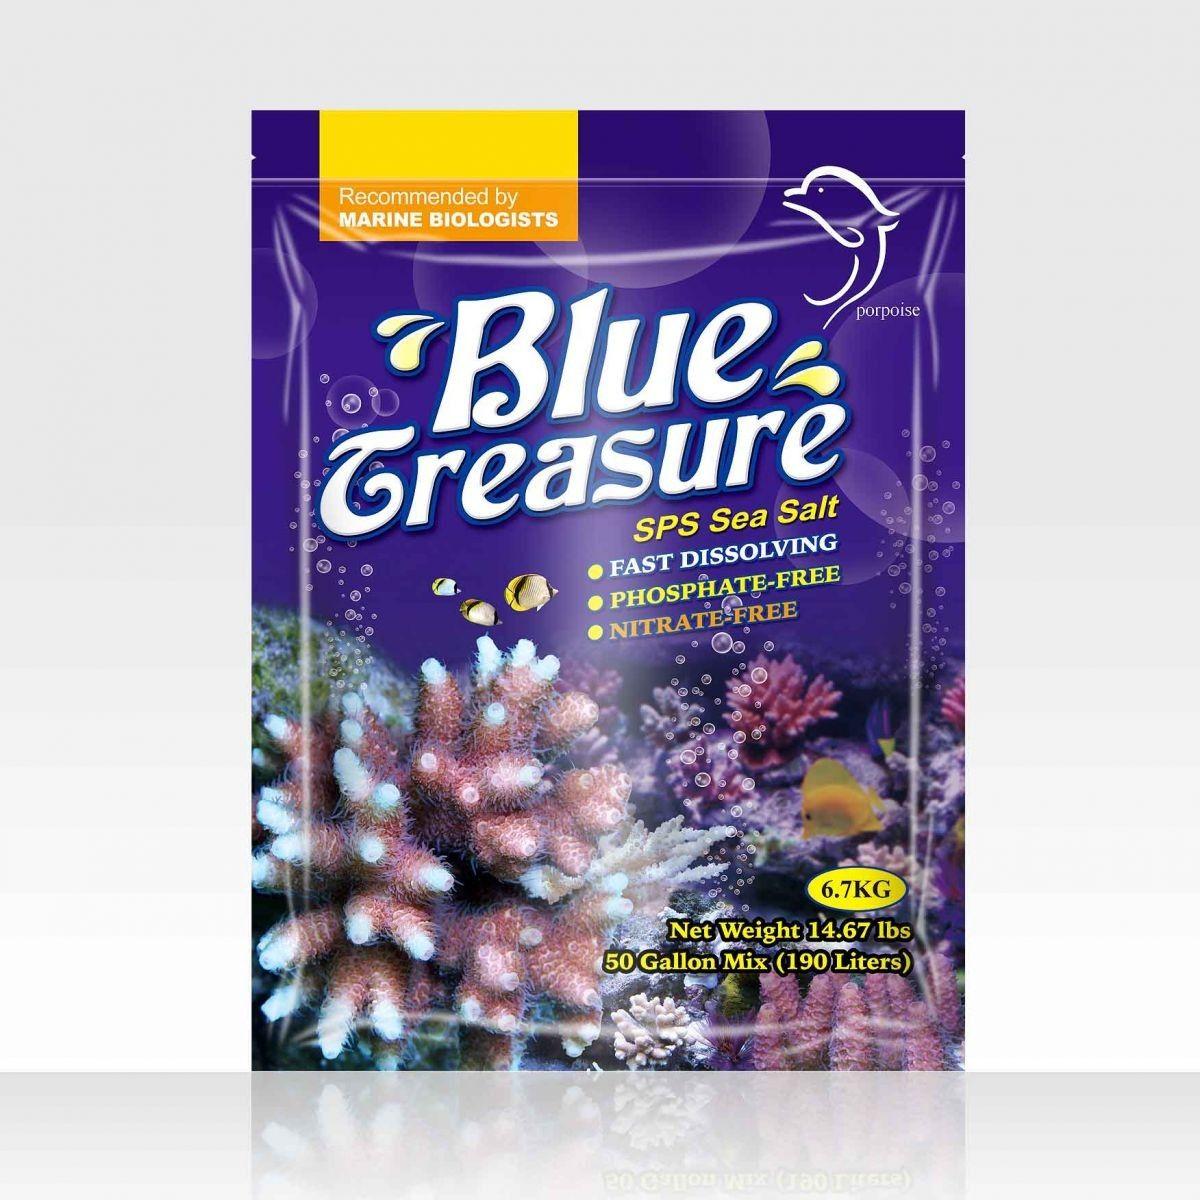 BLUE TREASURE SPS SEA SALT 6,7KG